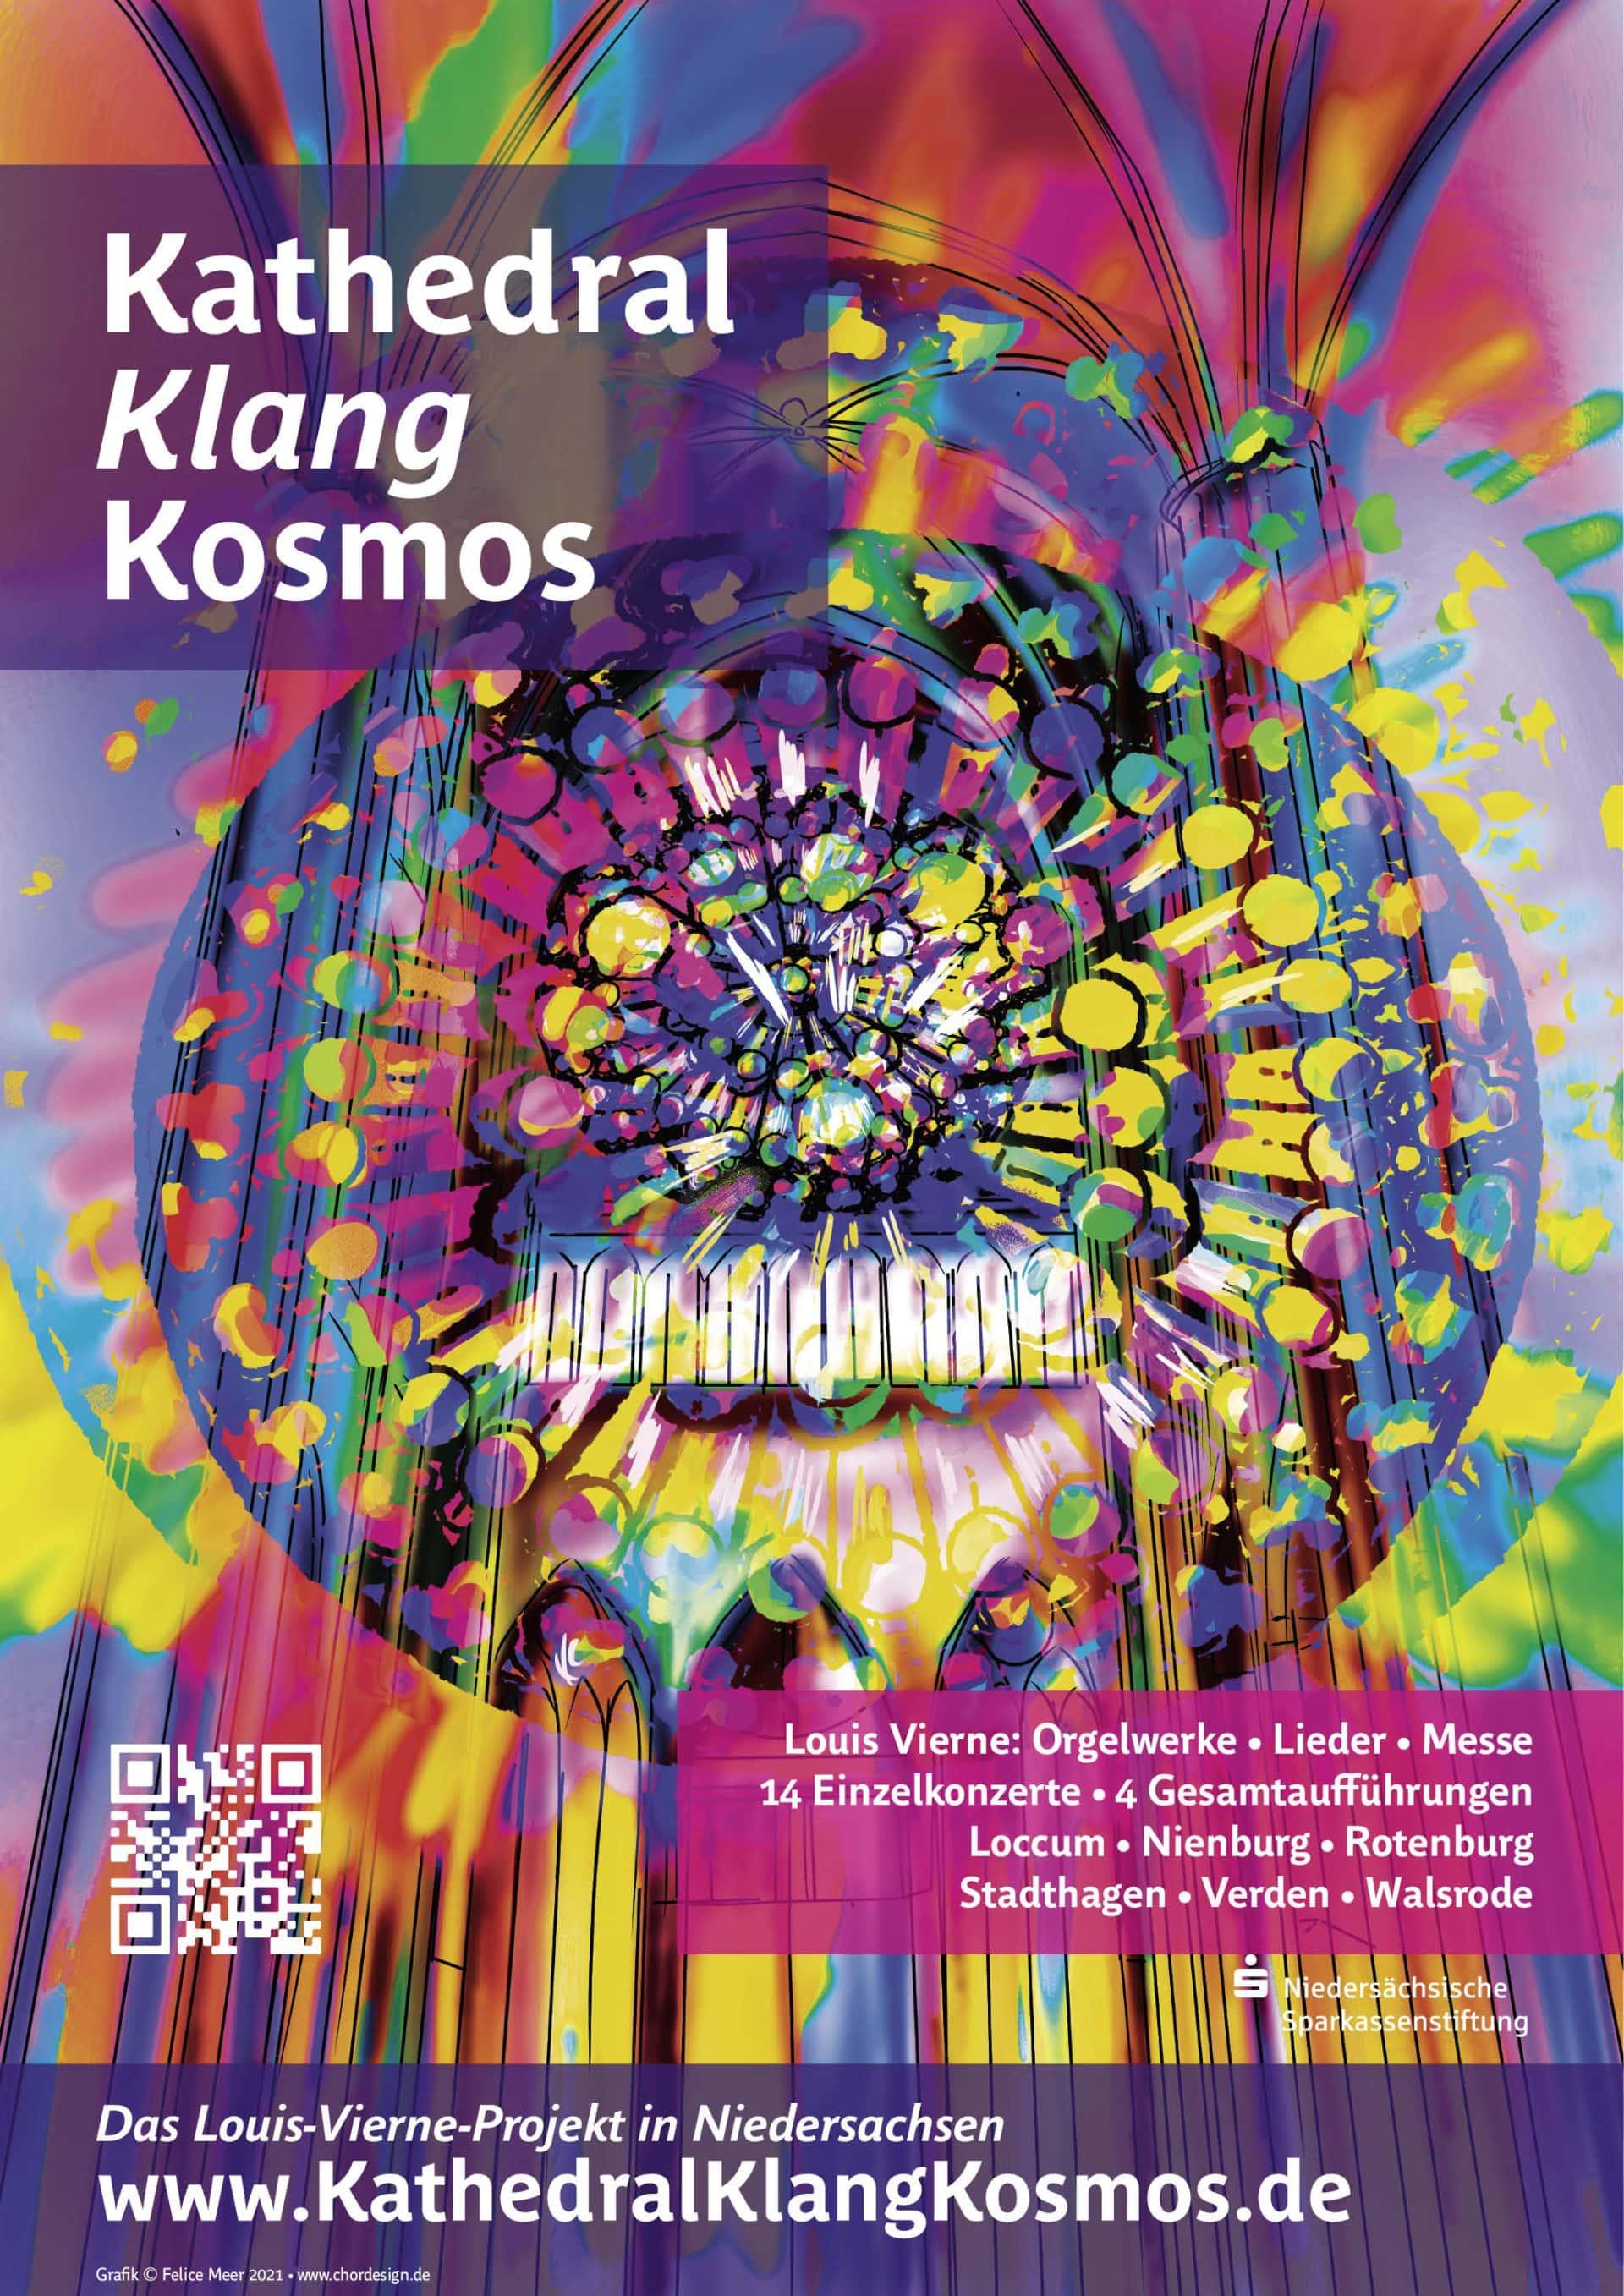 KathedralKlangKosmos Orgelprojekt in Niedersachsen